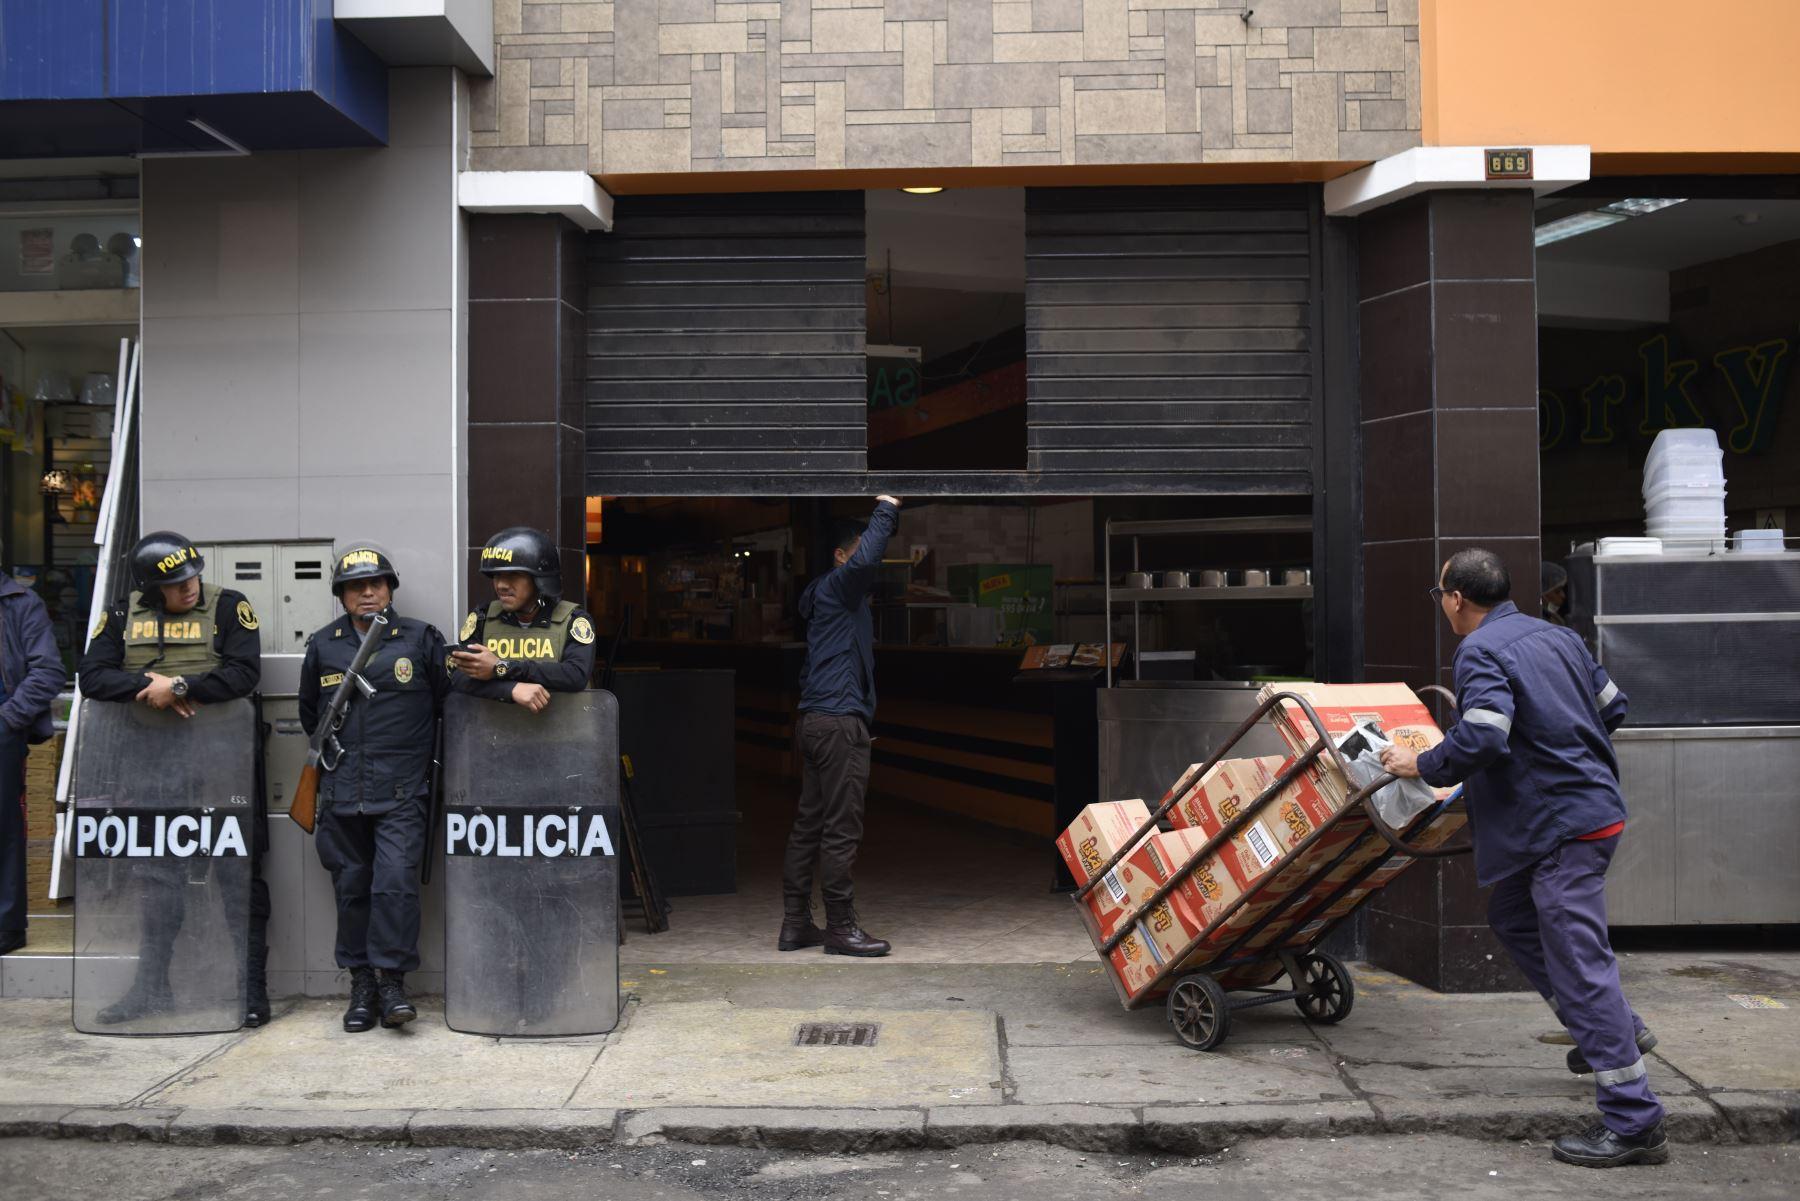 Municipalidad de Lima en coordinación con la Policía Nacional, retiran a ambulantes informales de Mesa Redonda entre las cuadras 5 y 6 del Jirón Puno Foto: ANDINA/César Fajardo